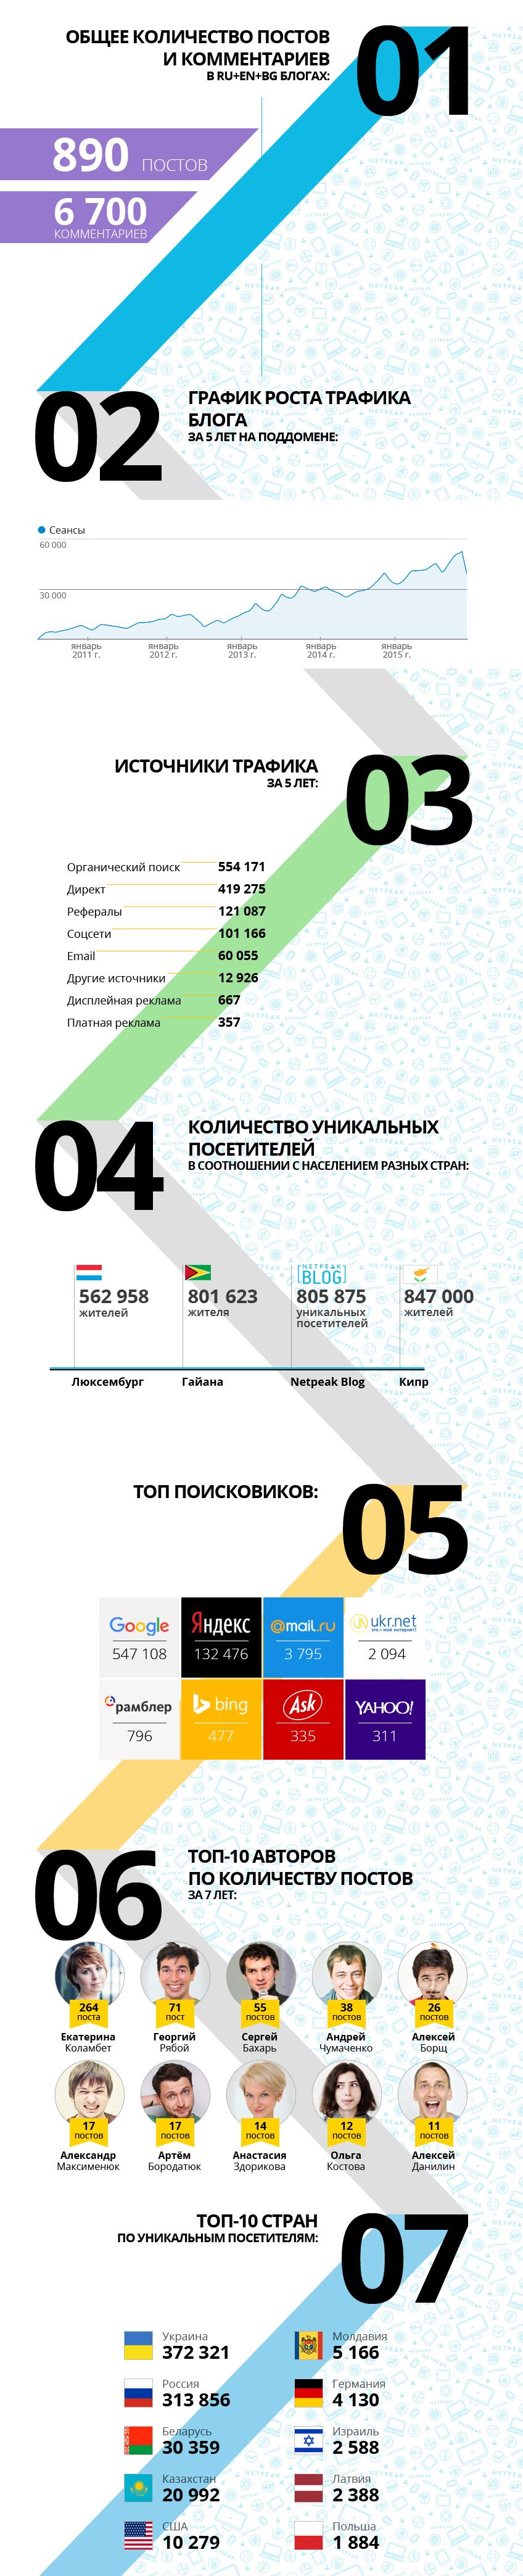 Итоги работы блога в цифрах